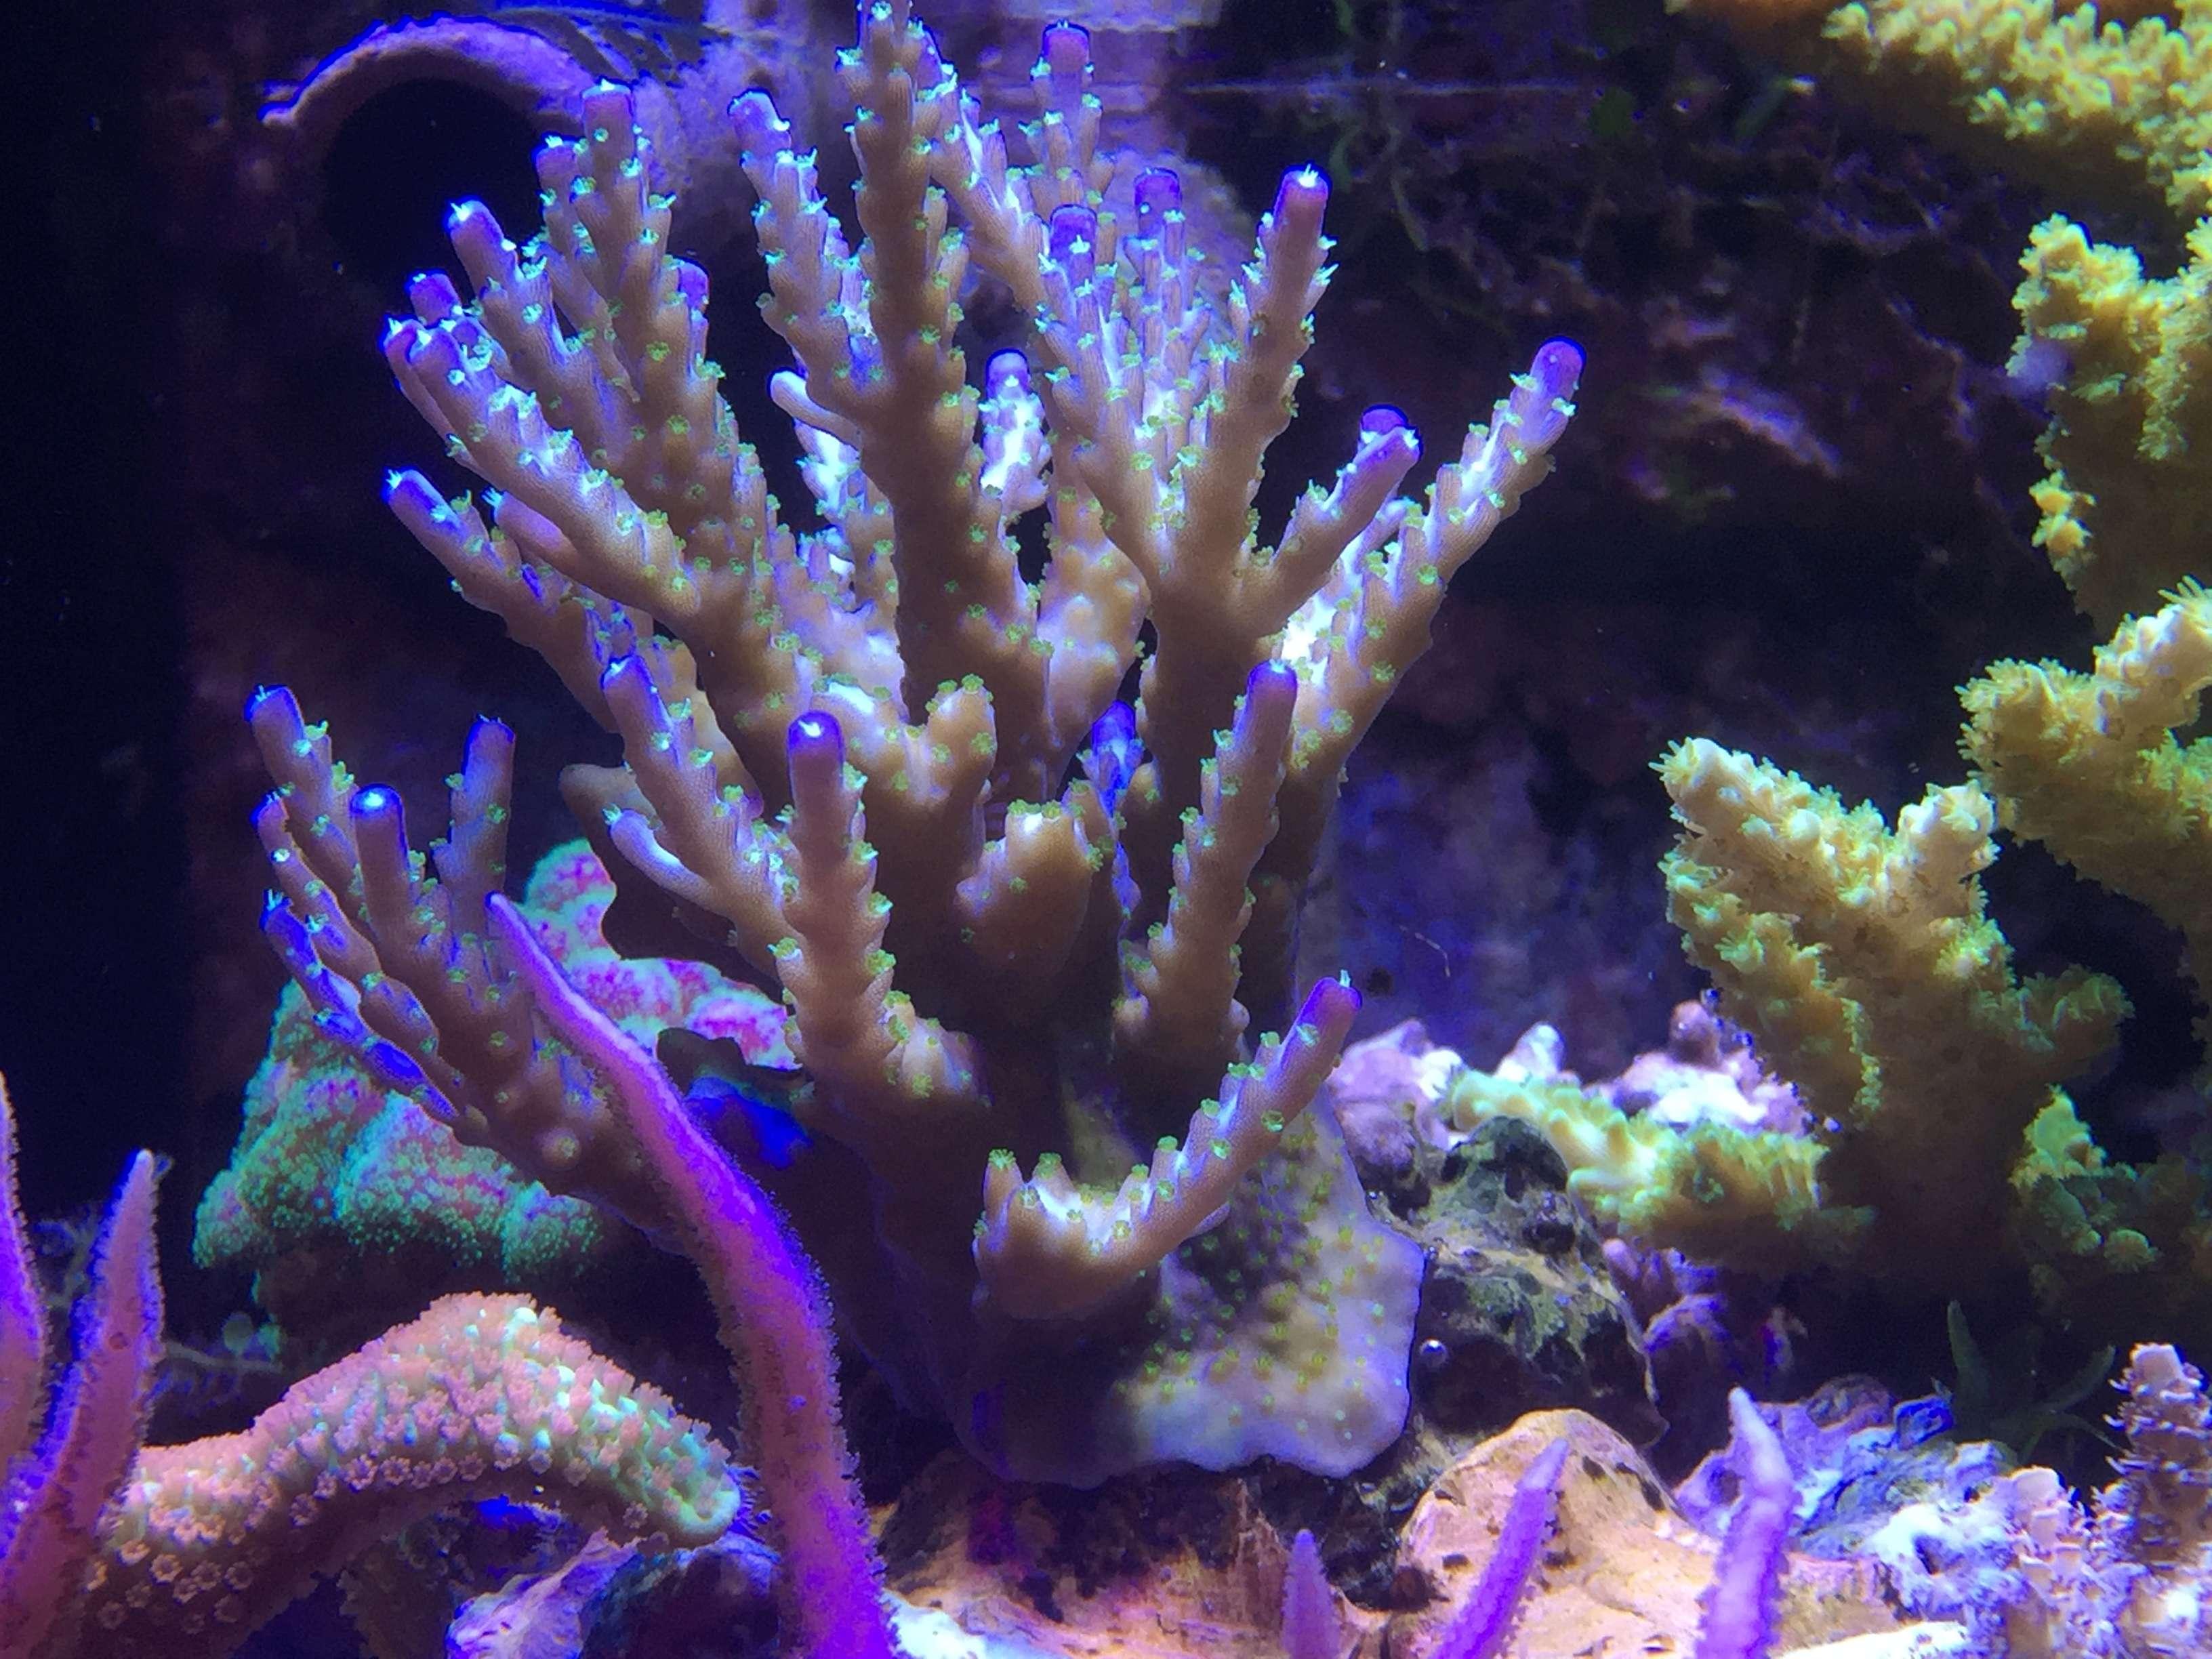 Red sea 170 sebbordeaux - Page 4 Aa7e2b10